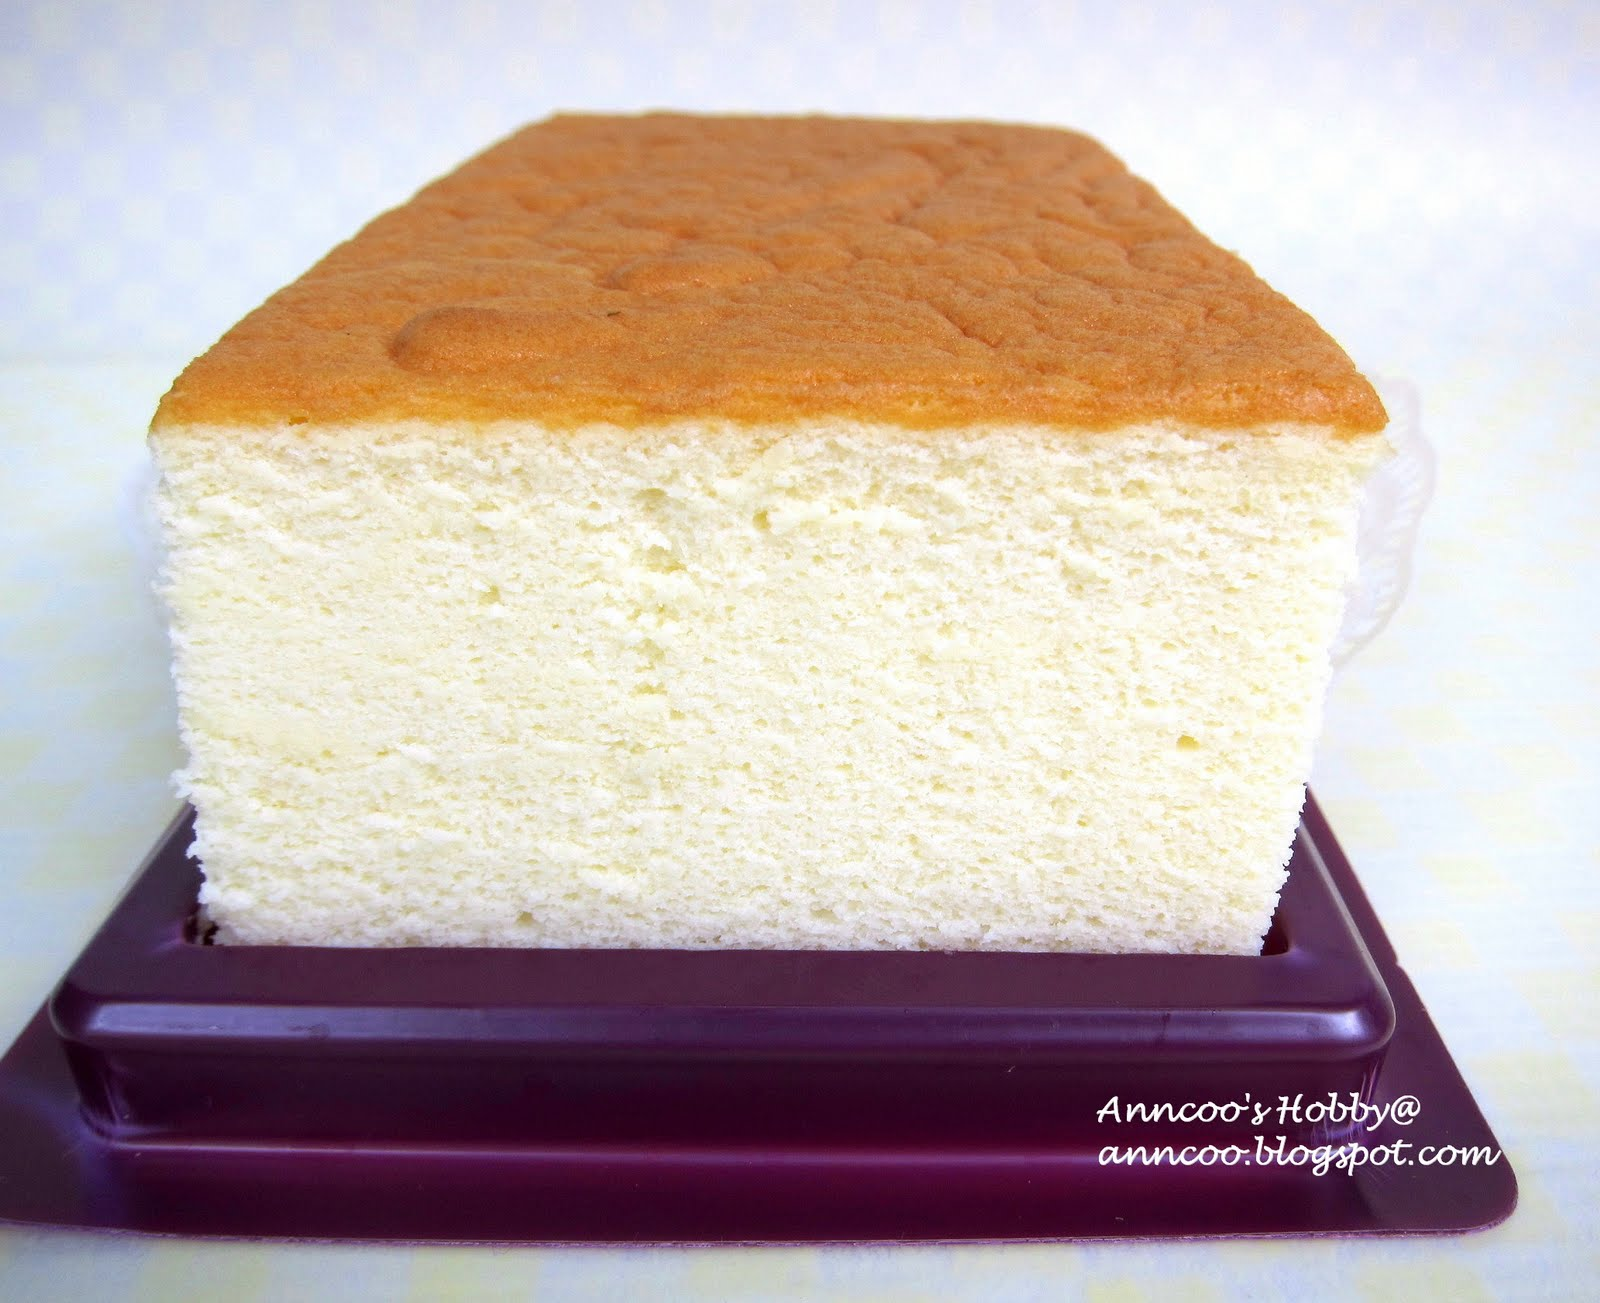 Japanese Cream Cheese Sponge Cake